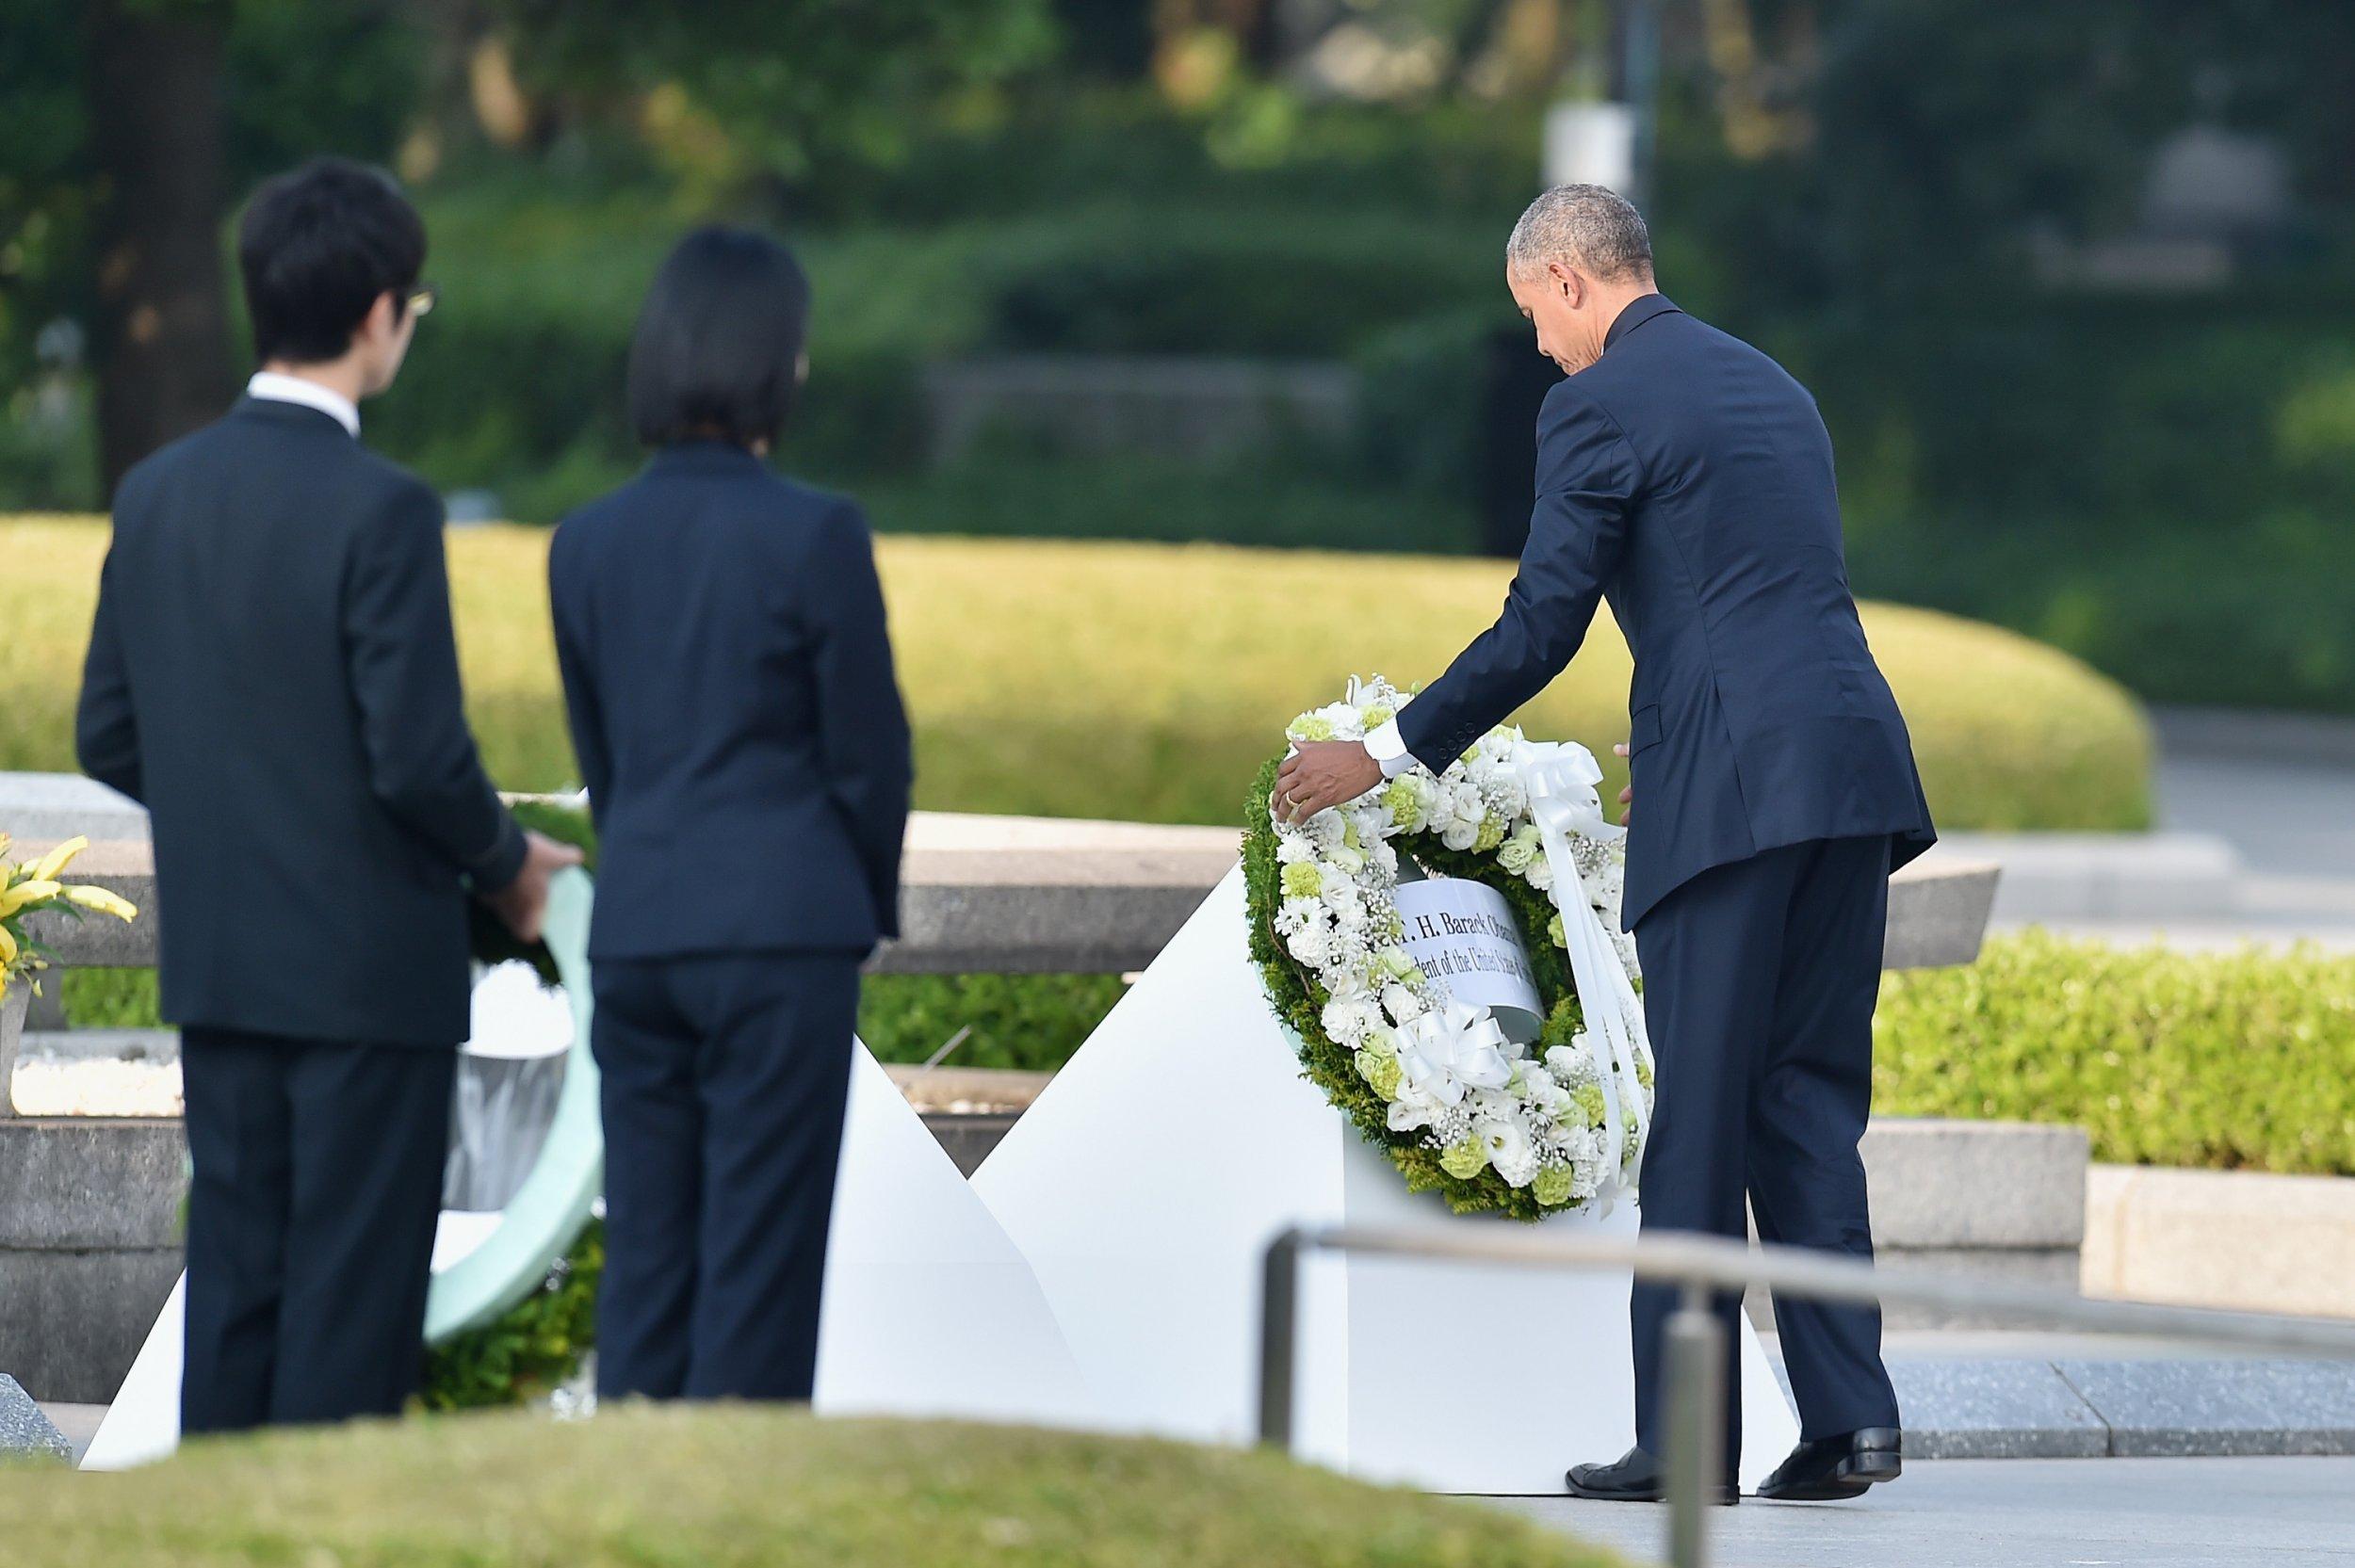 Barack Obama lays wreath at Hiroshima memorial